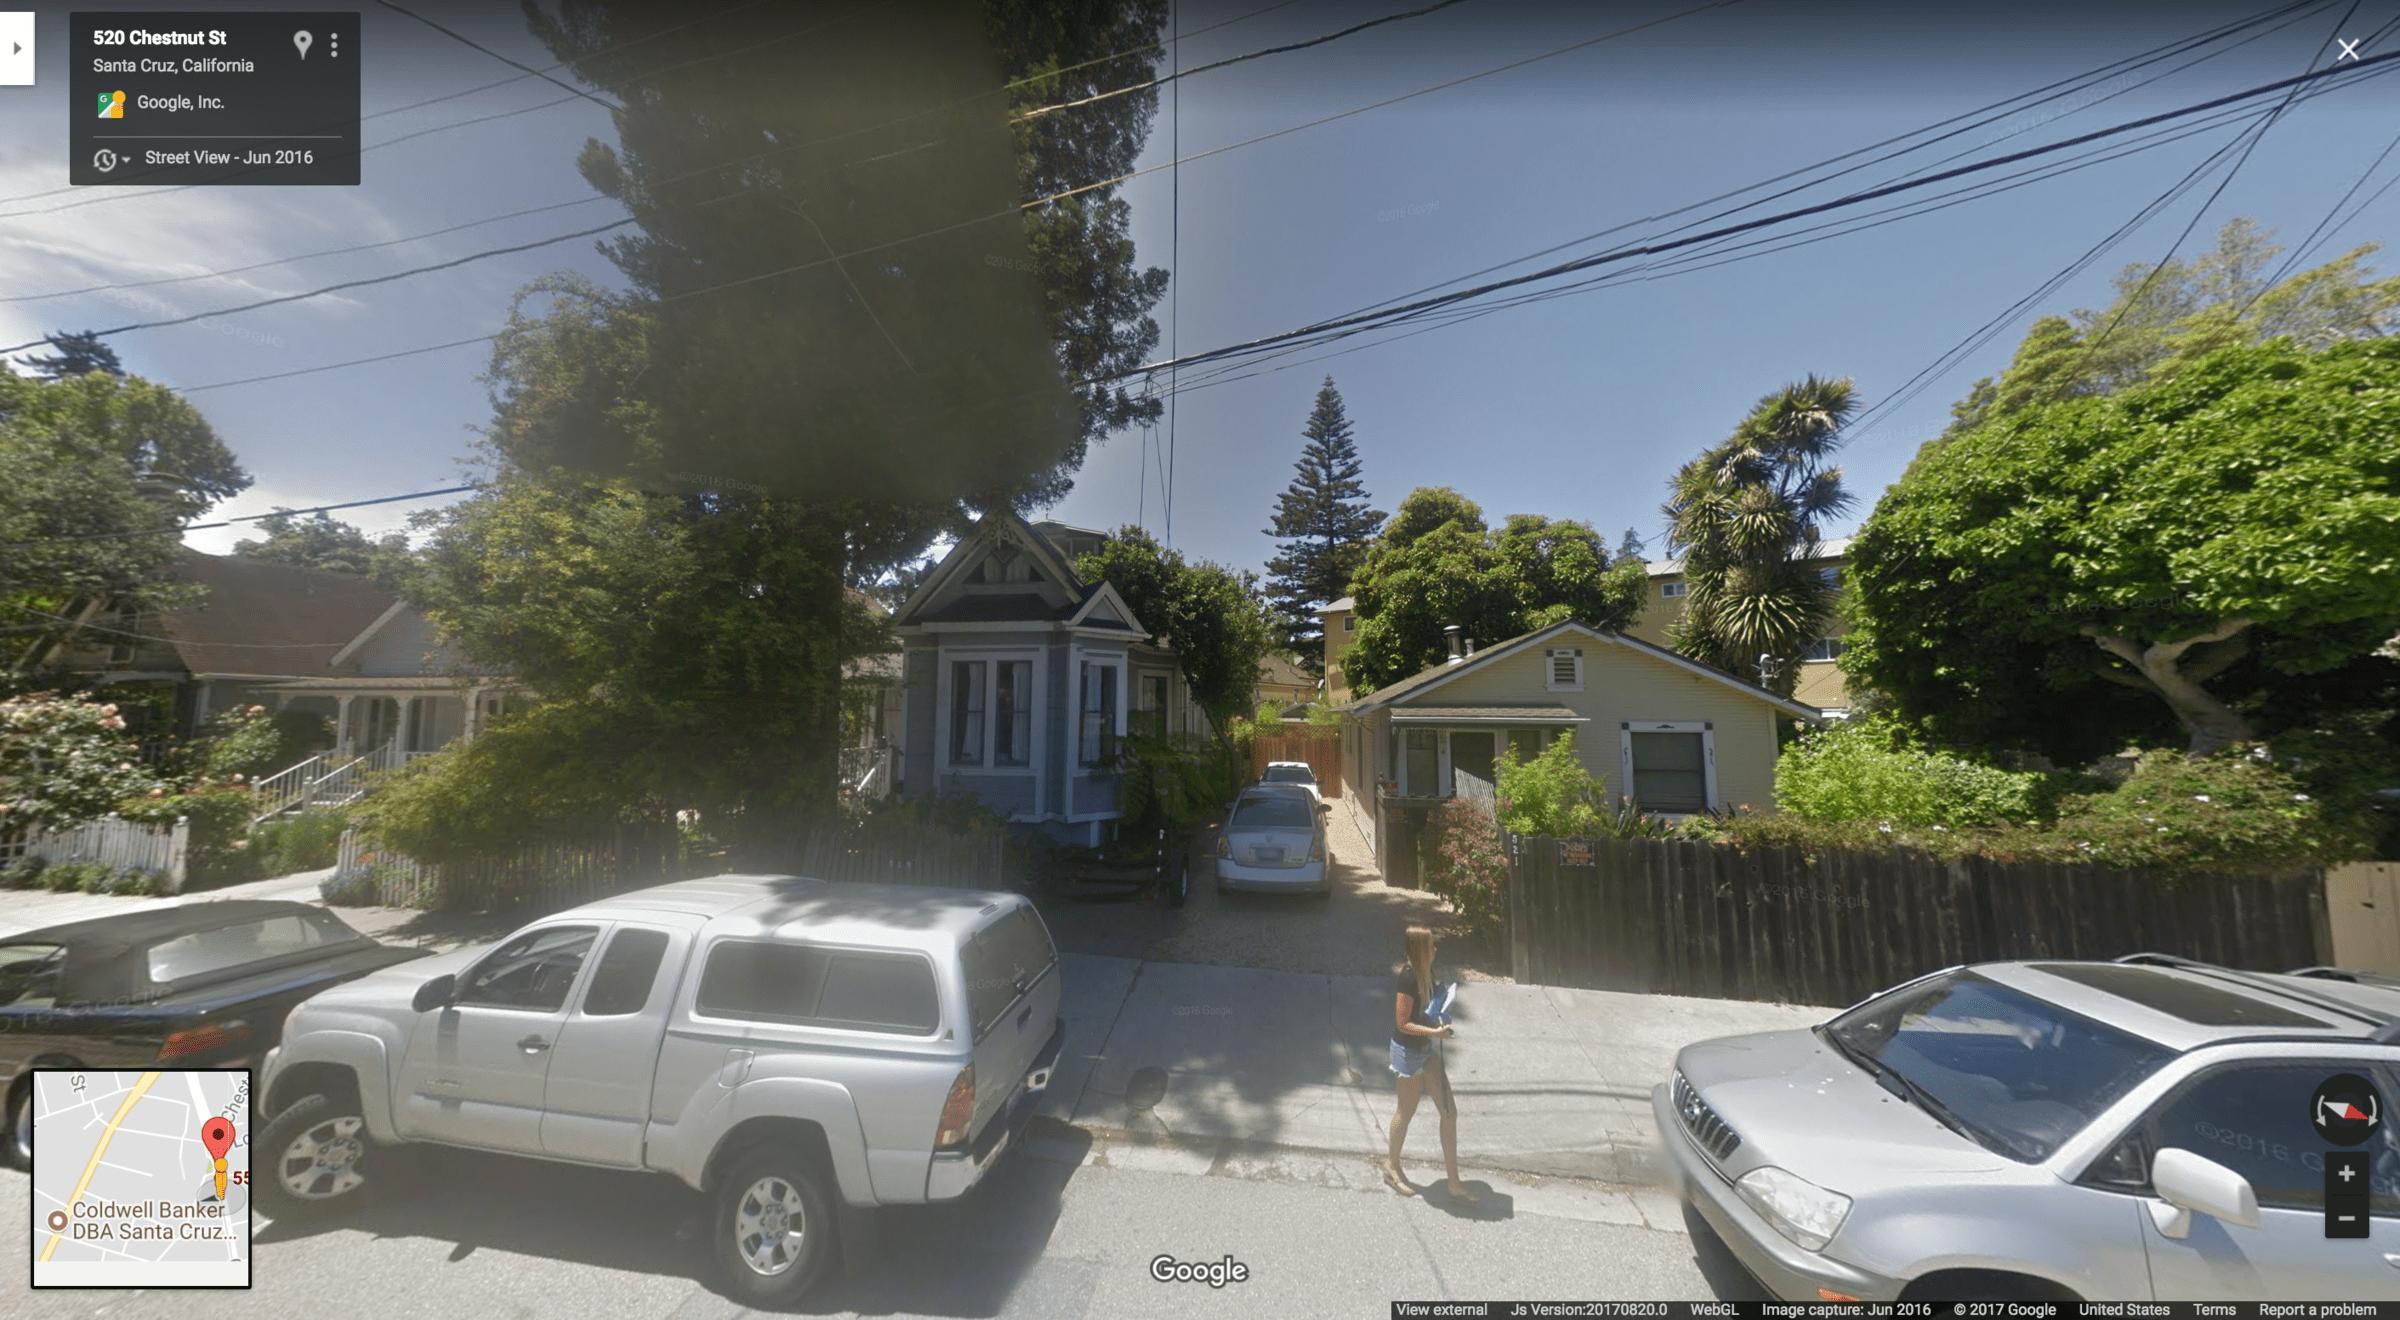 Les Voitures Google Street View Feront Des Photos Bien Plus Precises